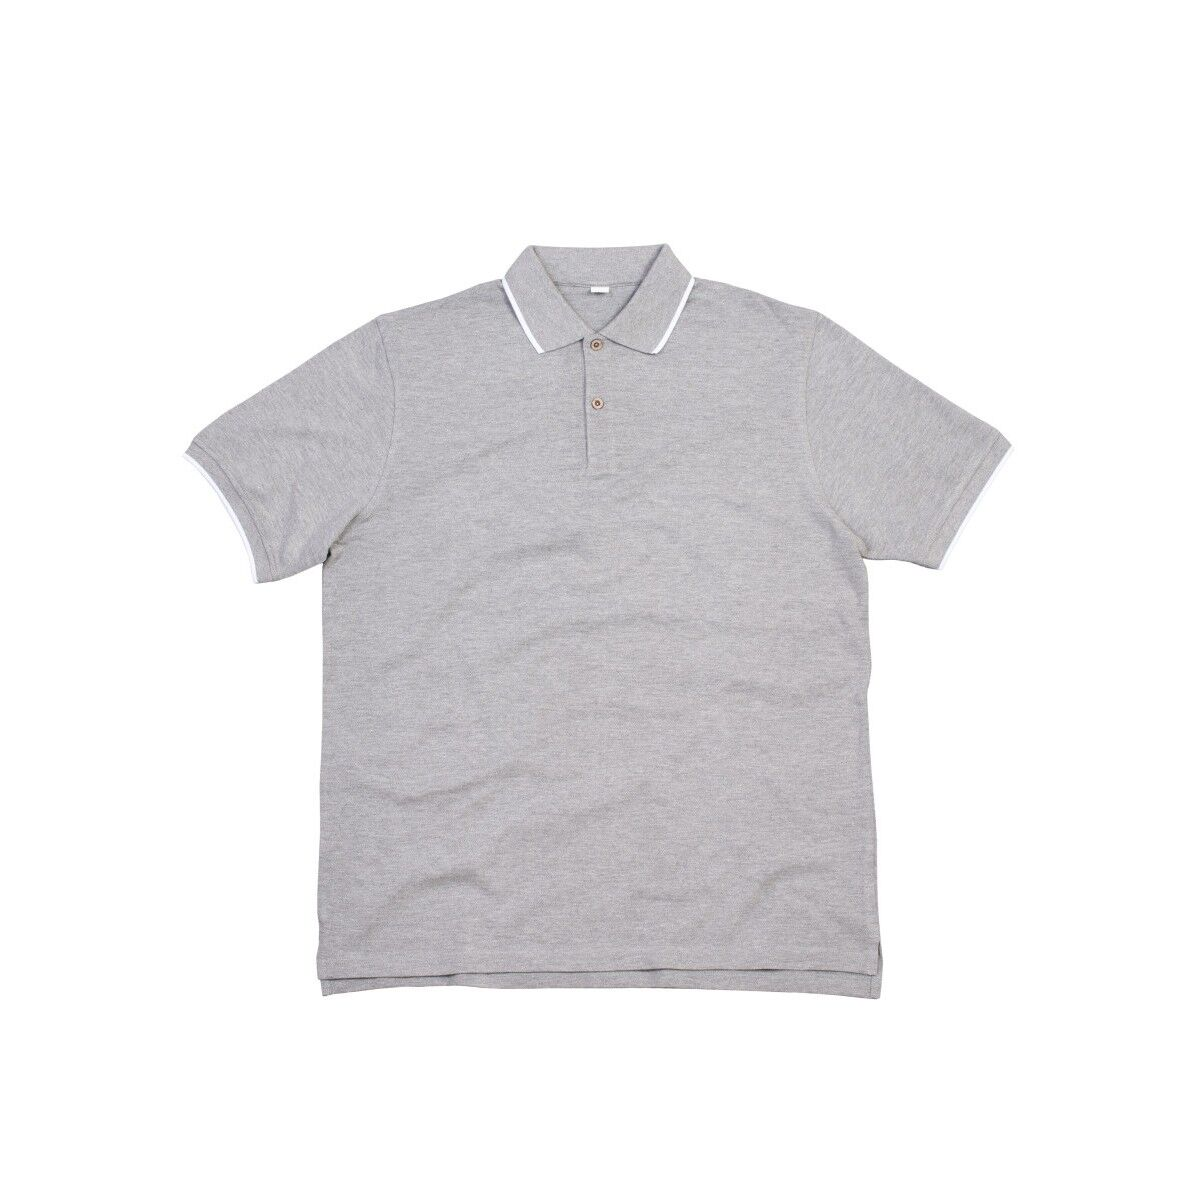 Mantis Tipped Polo Shirt - Heather Grey & White